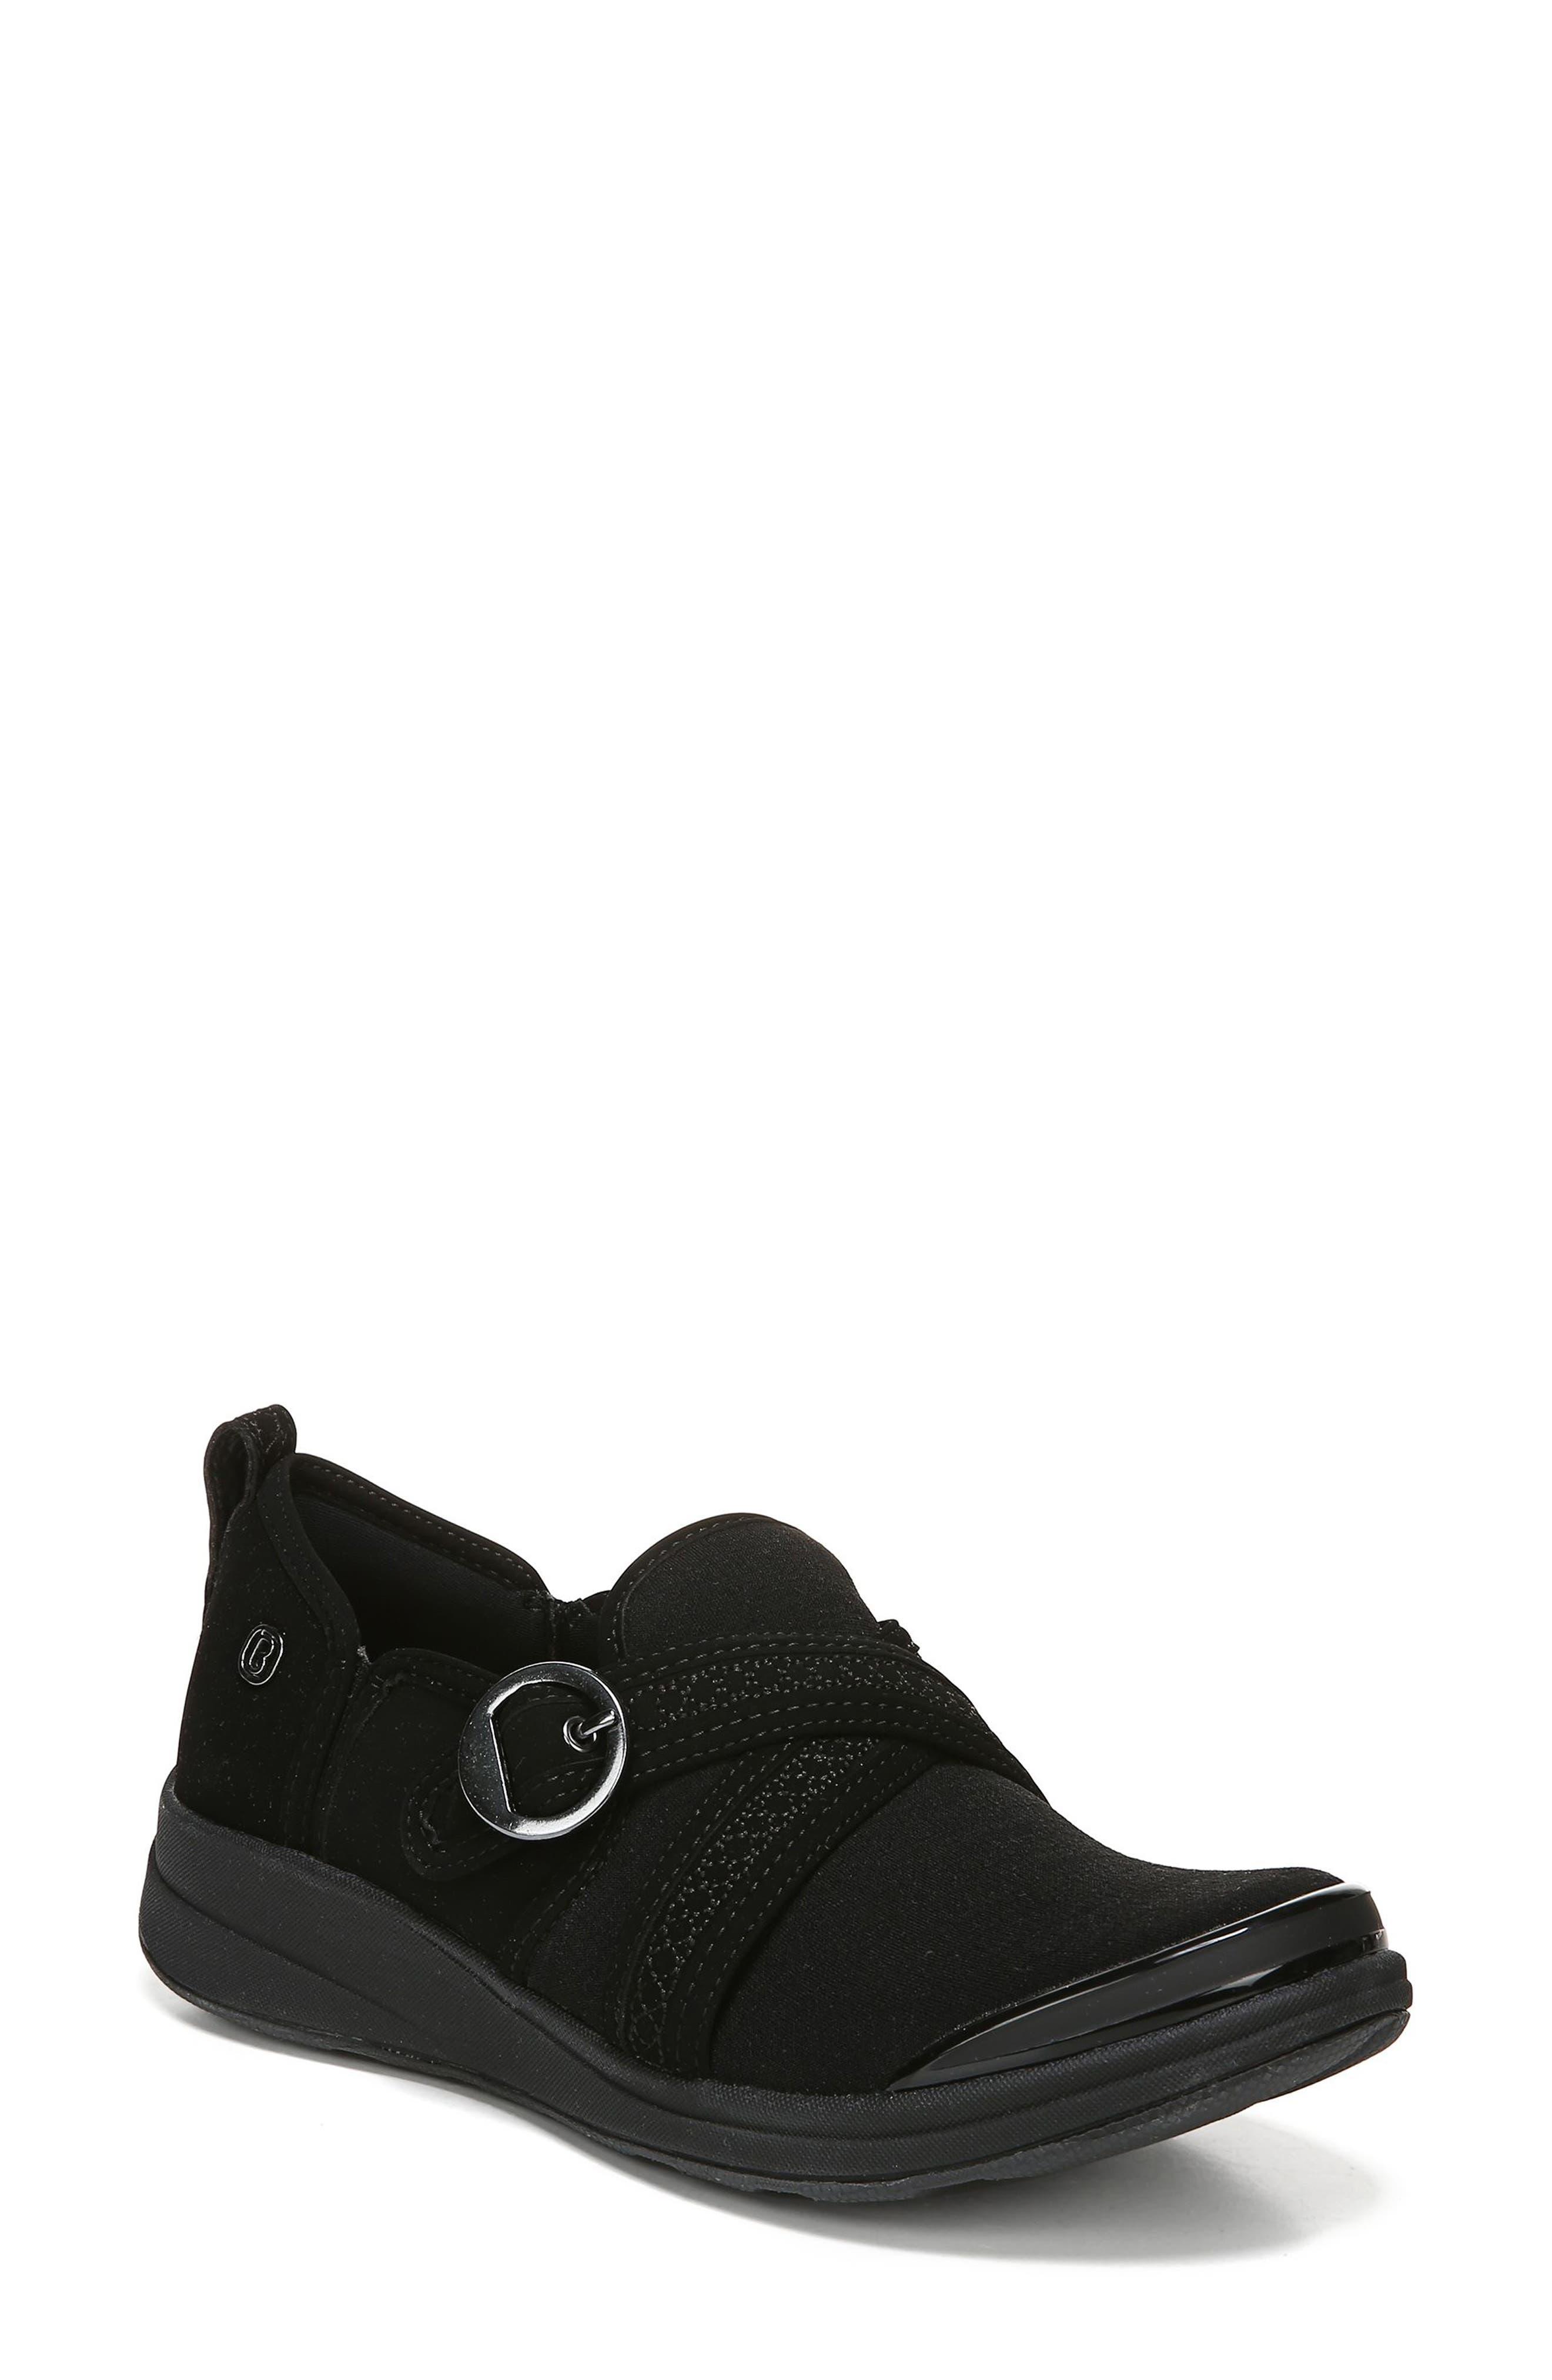 Indigo Slip-On Sneaker